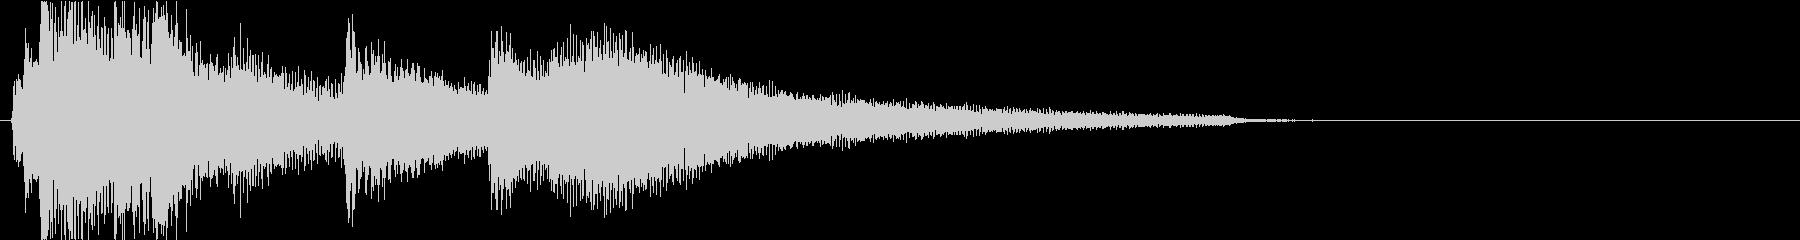 アコギとピアノがメインの温かなジングルの未再生の波形